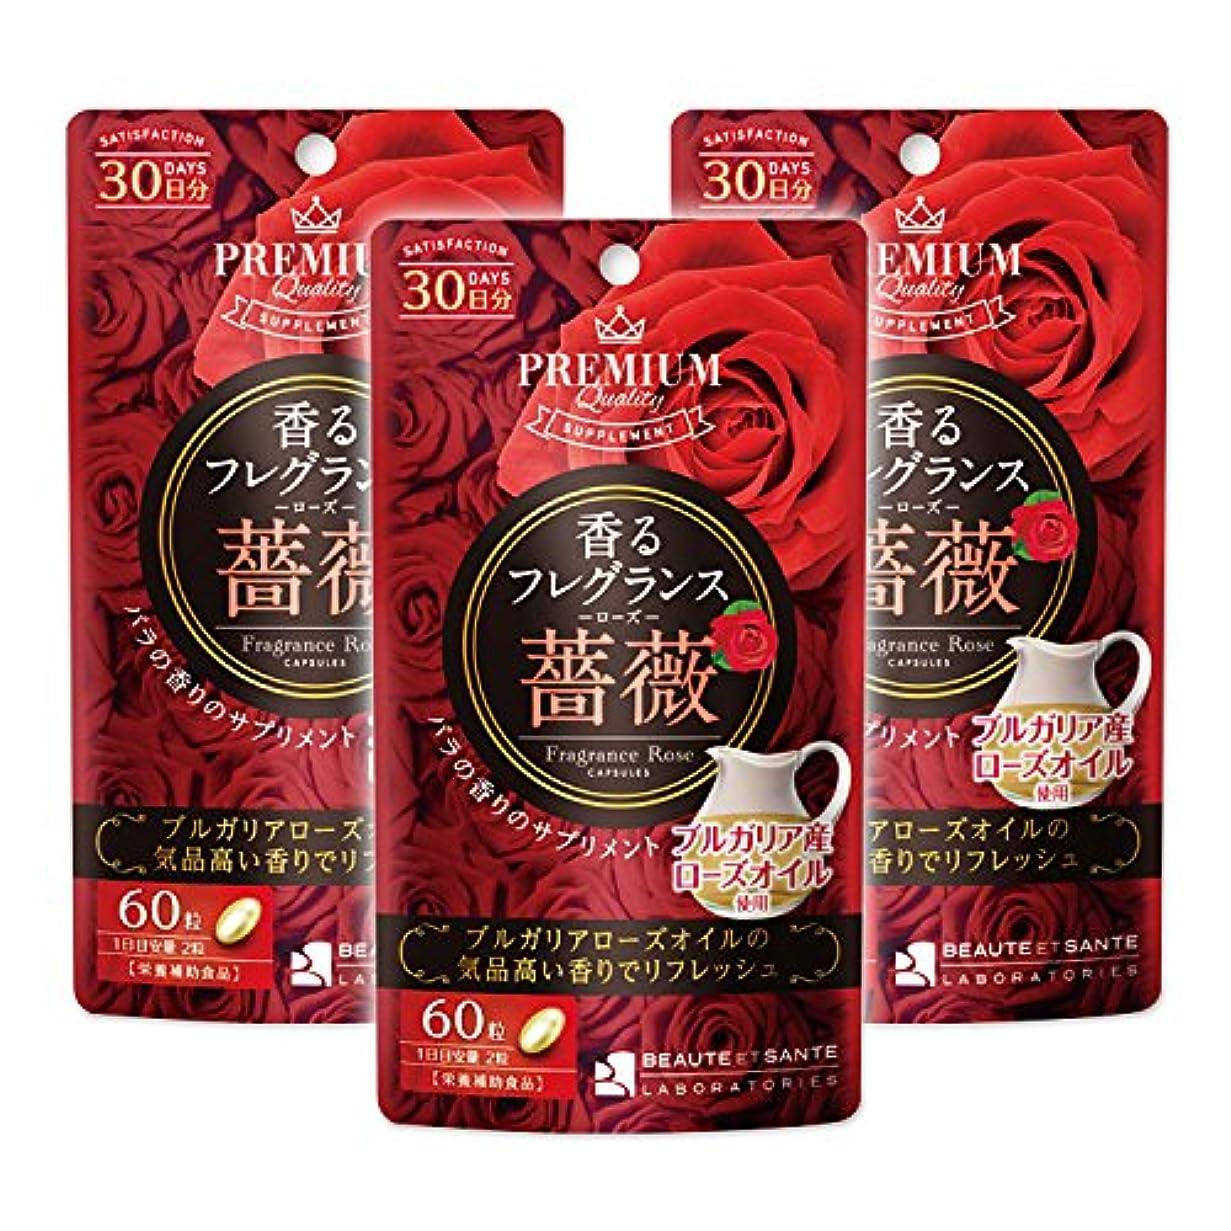 道に迷いました異議地元香るフレグランス 薔薇 ローズ [60粒]◆3袋セット◆